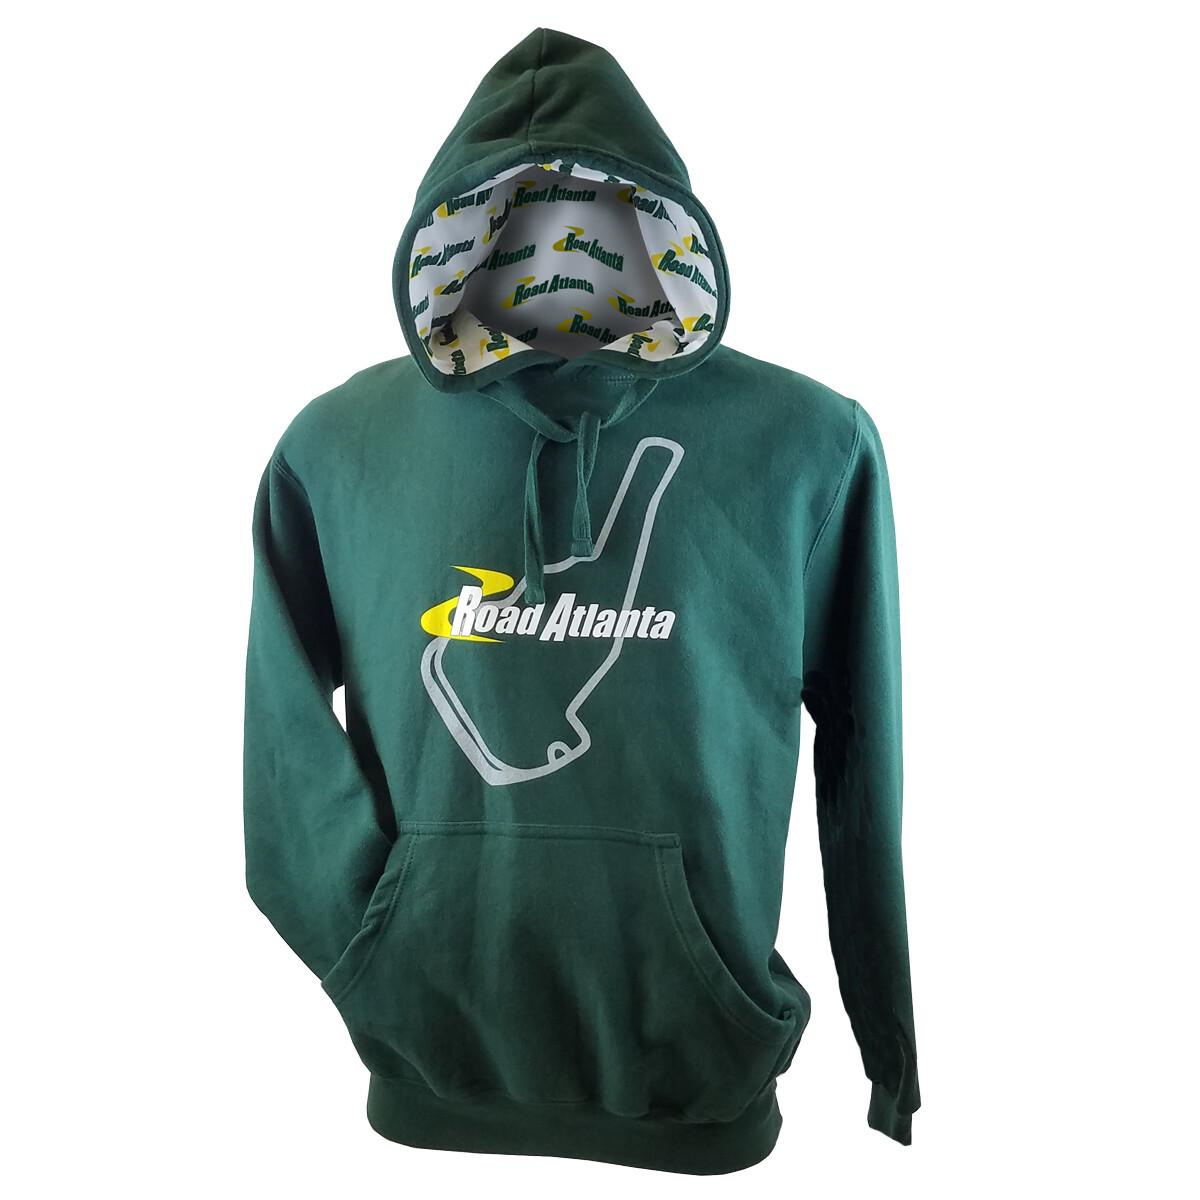 RA Custom Hooded Sweatshirt - Green